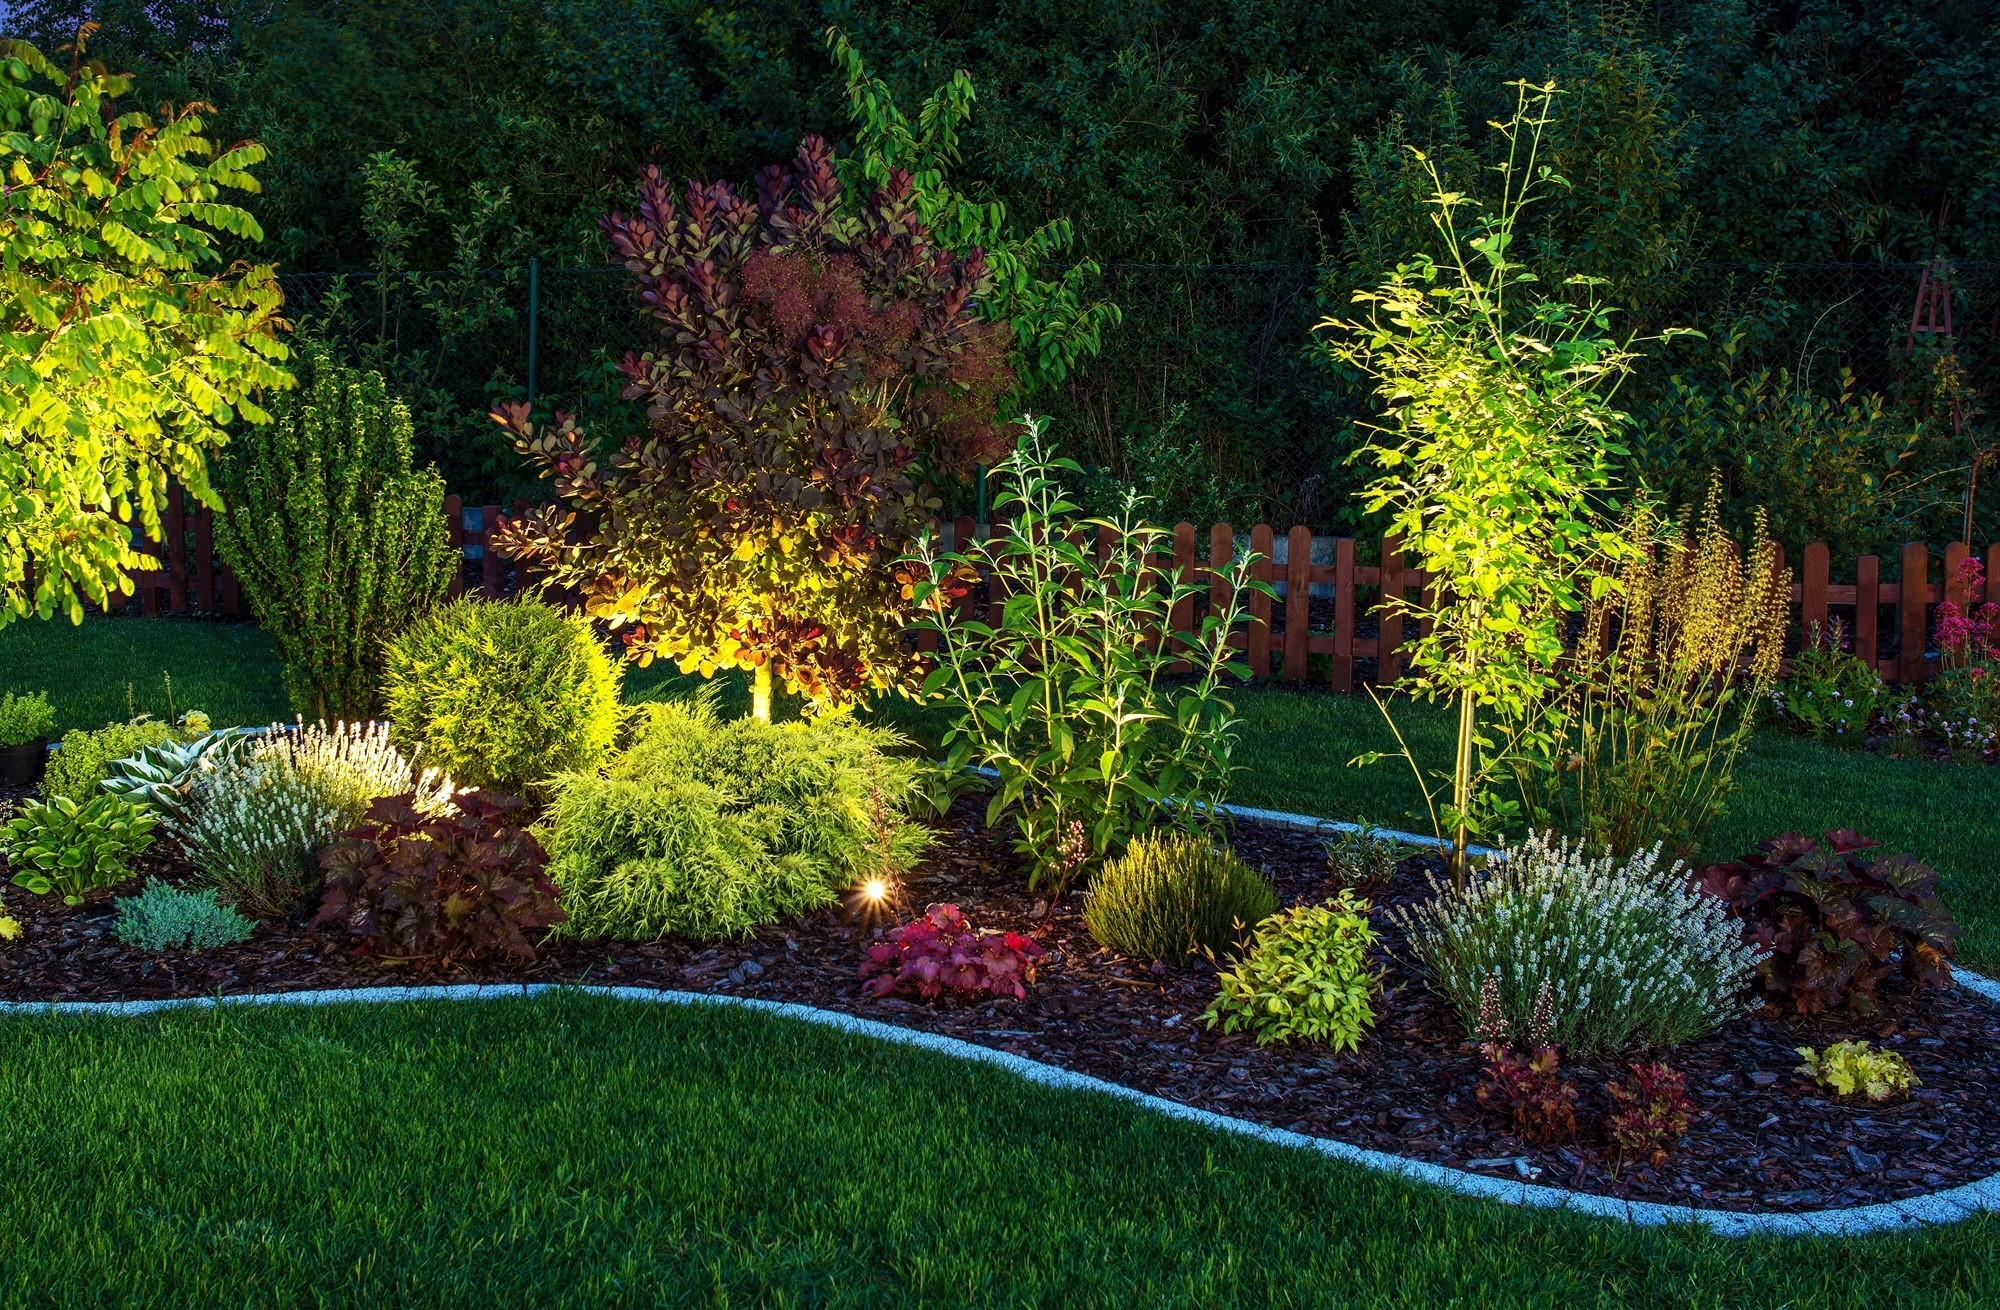 Outdoor Garden Lighting Ideas to Transform Your Garden